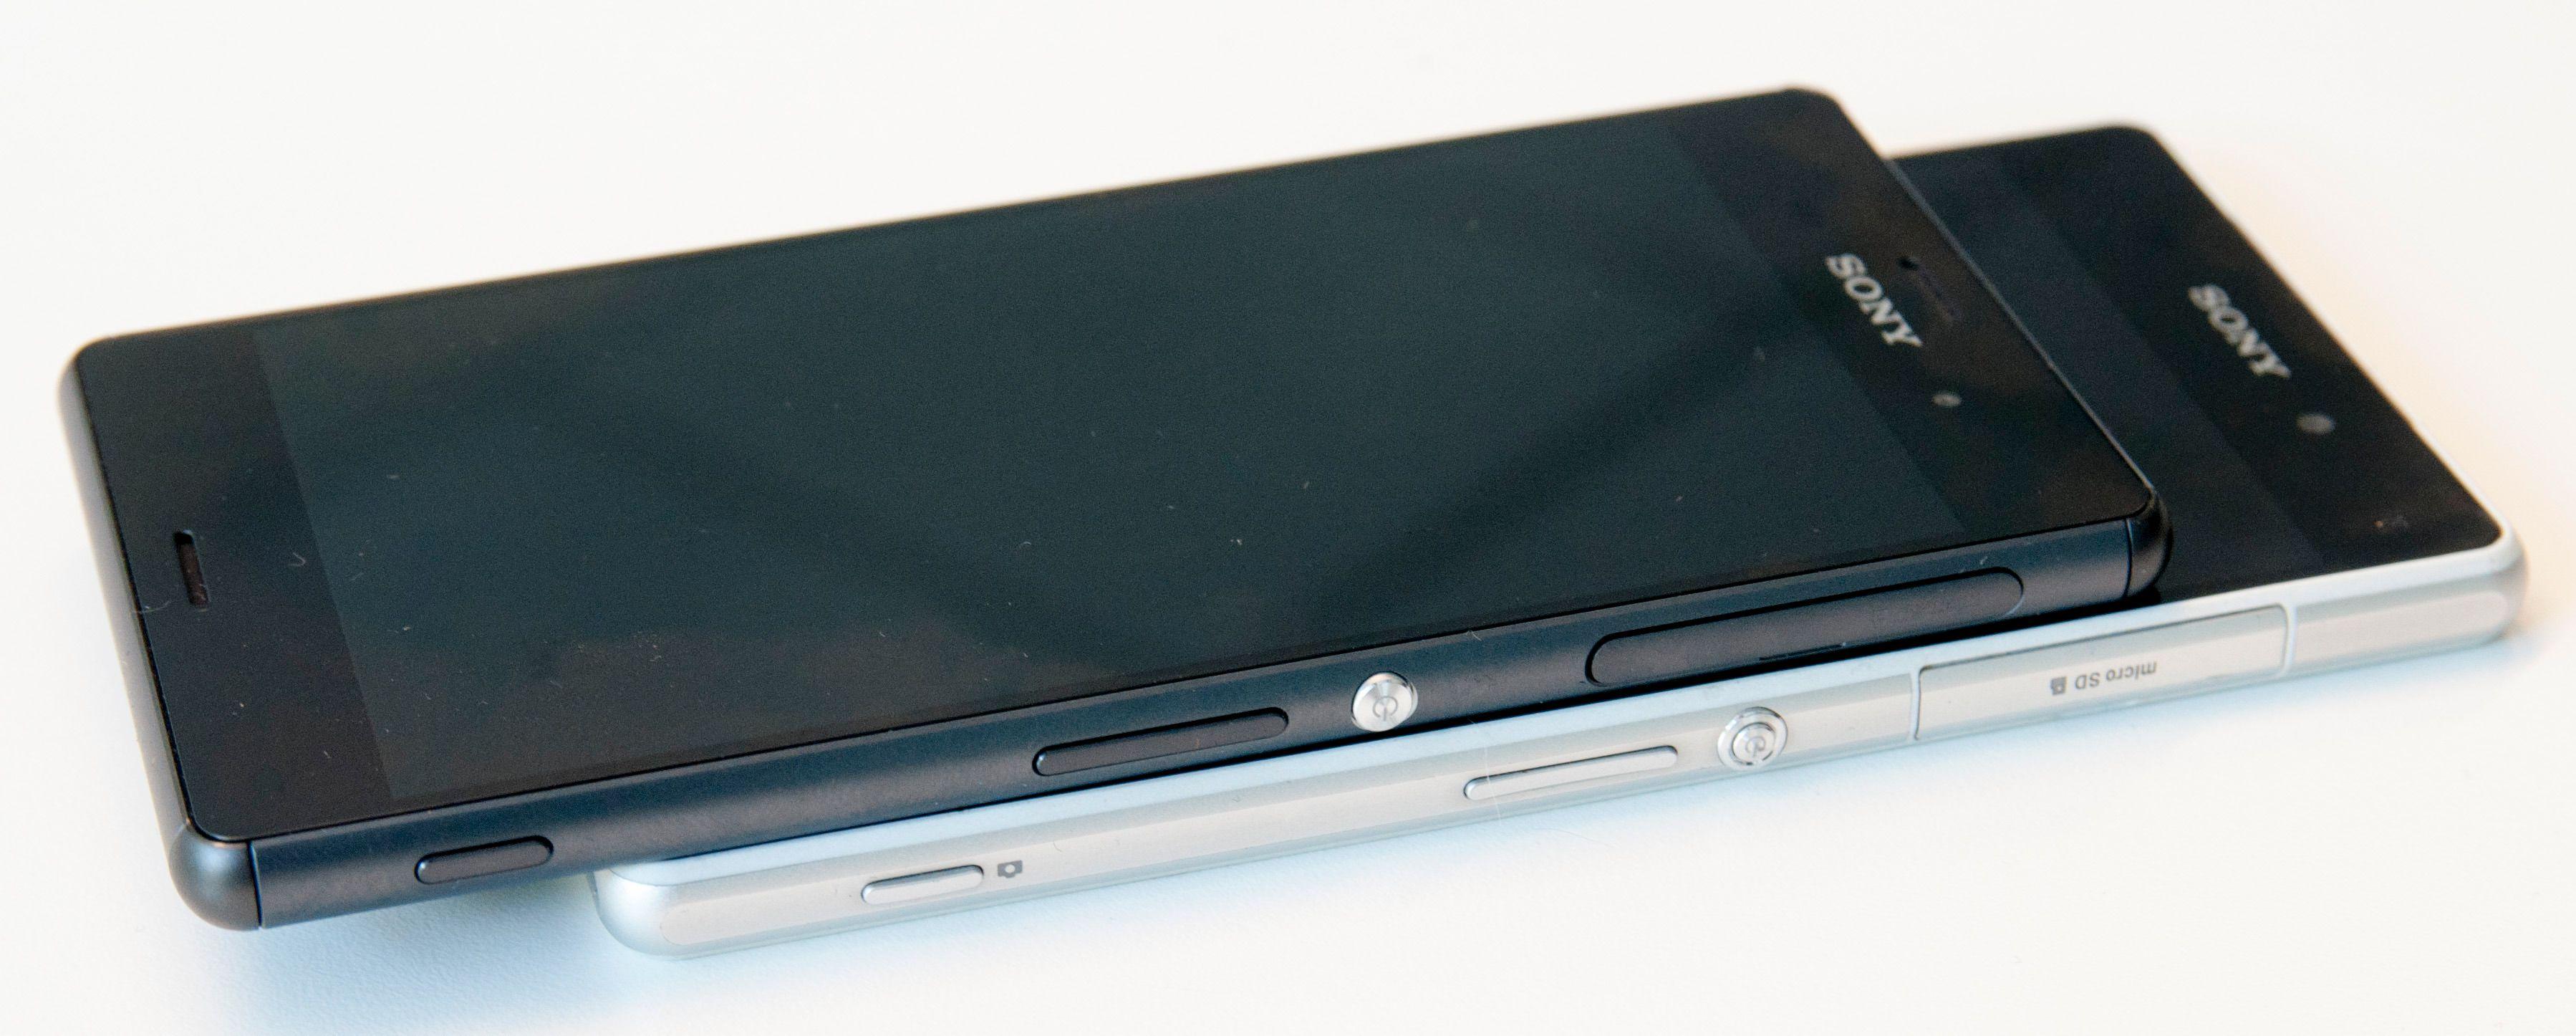 Sony har endret ganske mye på designen mellom Xperia Z2 (nederst) og Xperia Z3.Foto: Finn Jarle Kvalheim, Amobil.no